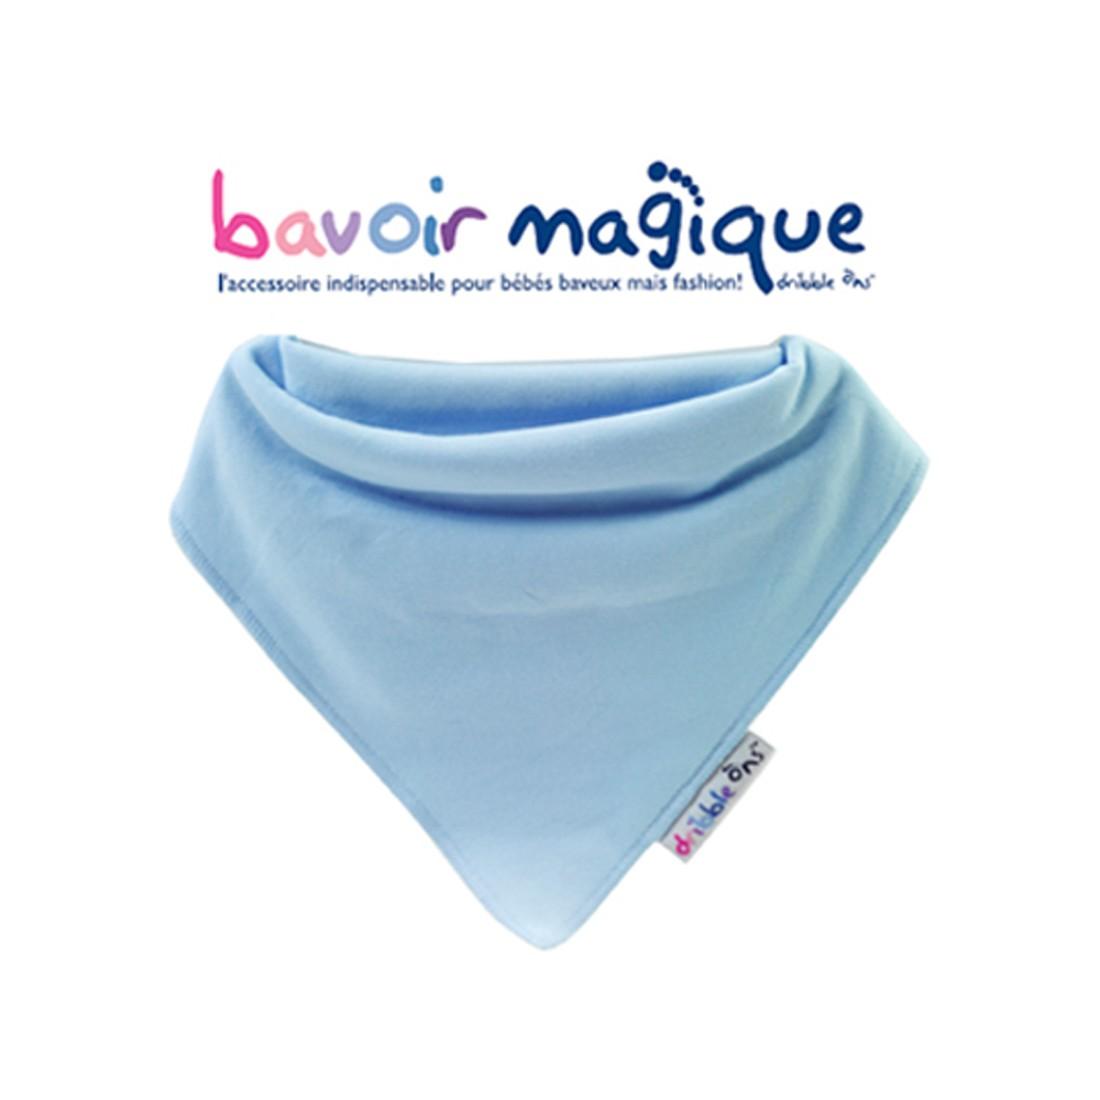 Bavoir - Bandana pour bébés baveux - bavoir magique - Ciel